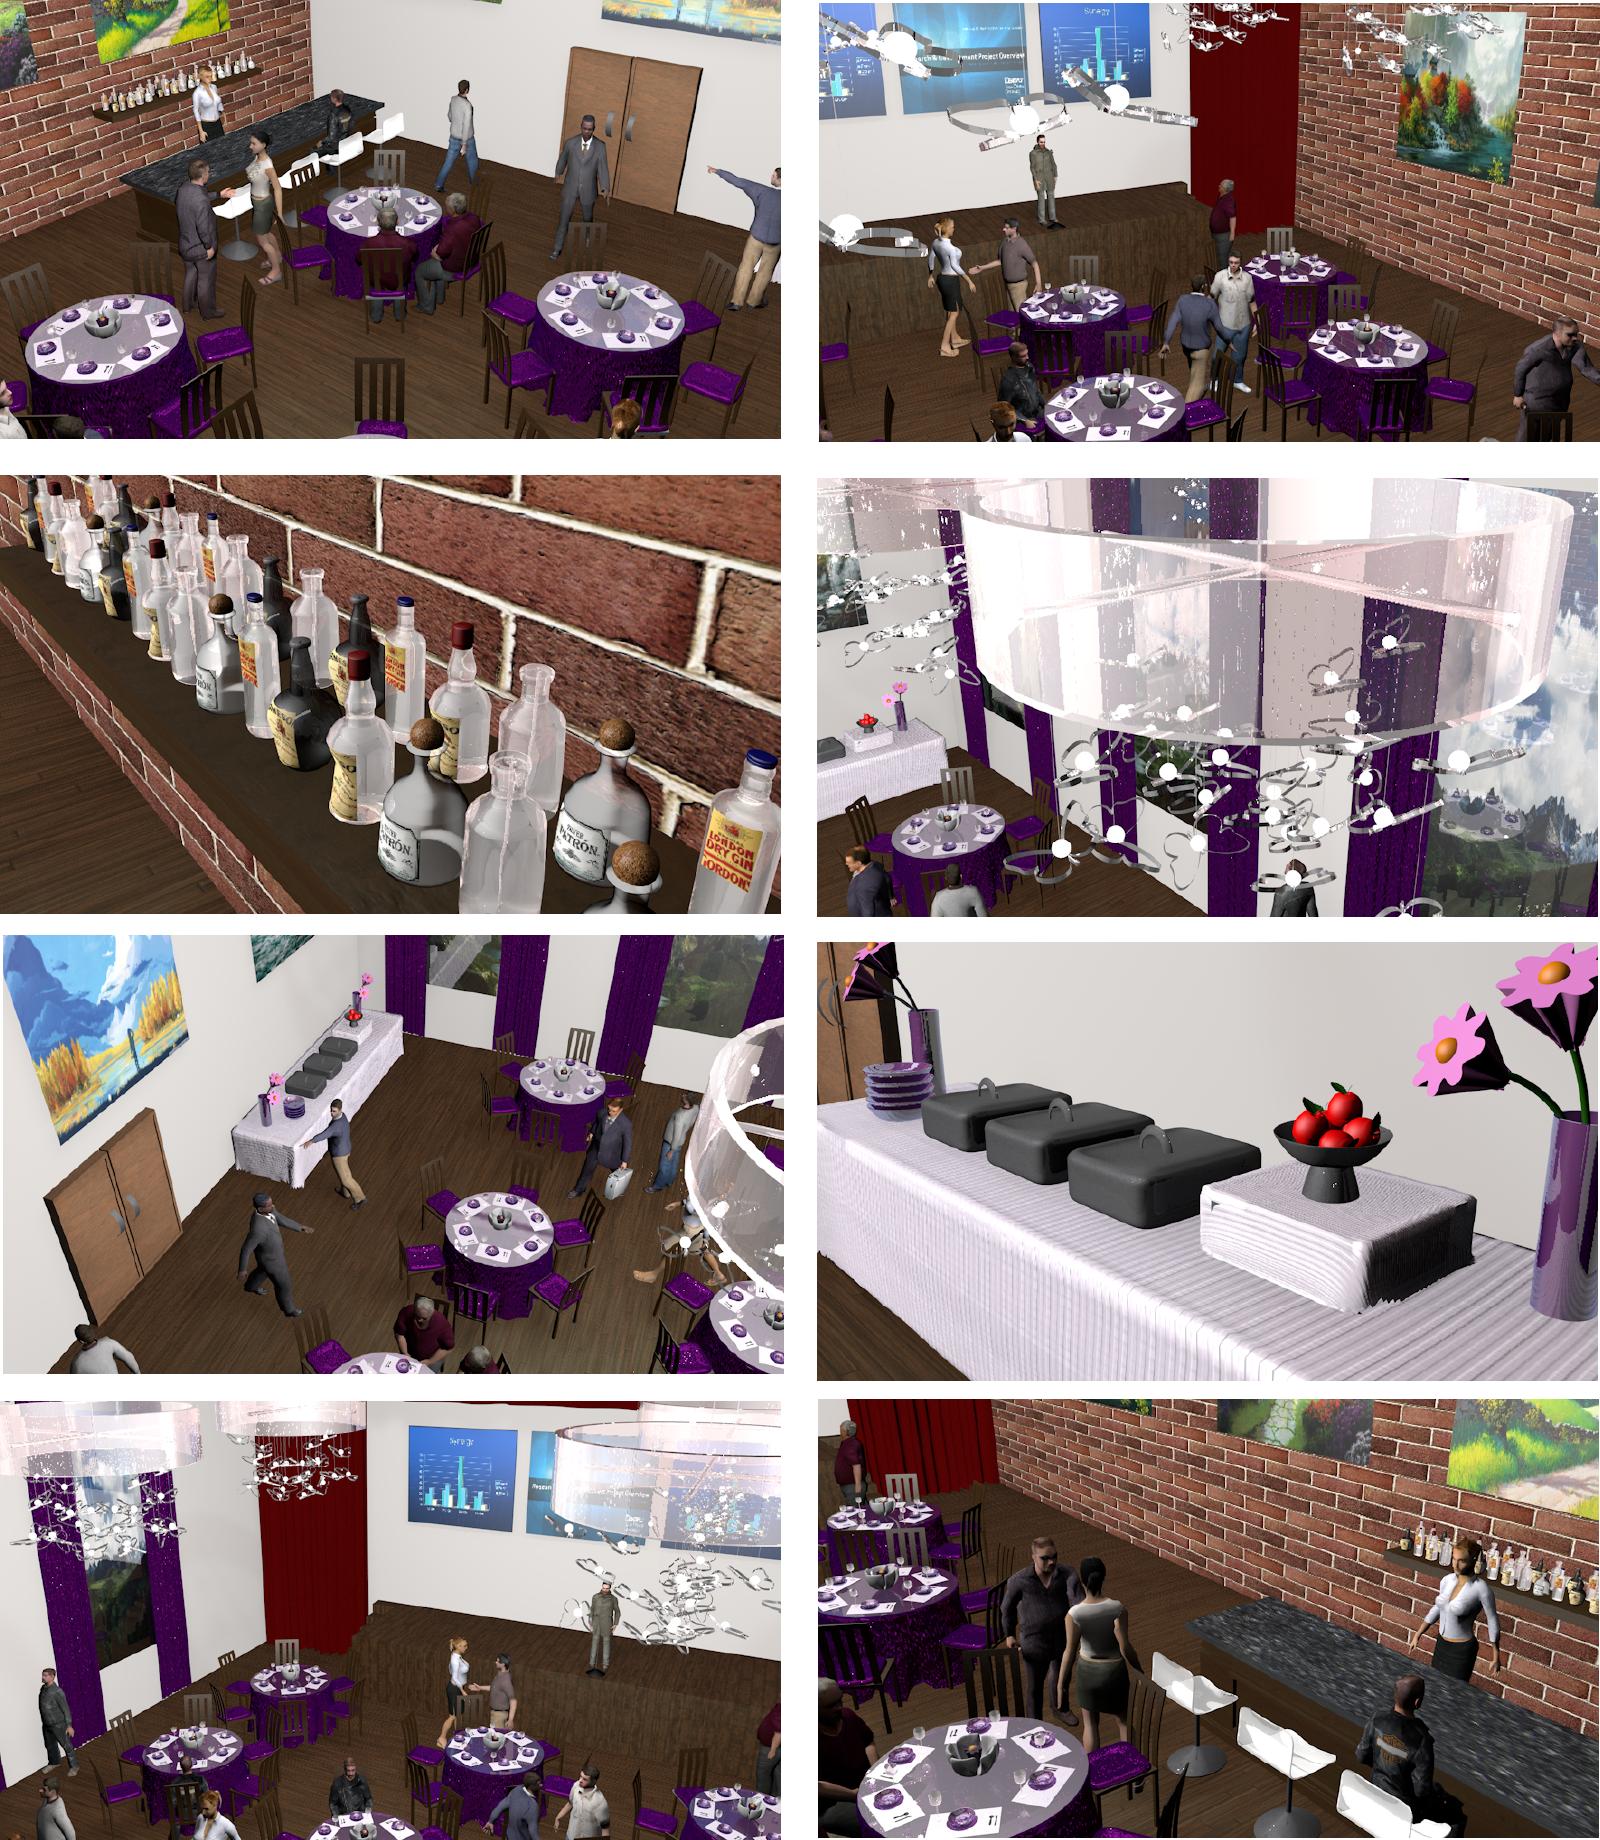 3D Event Rendering